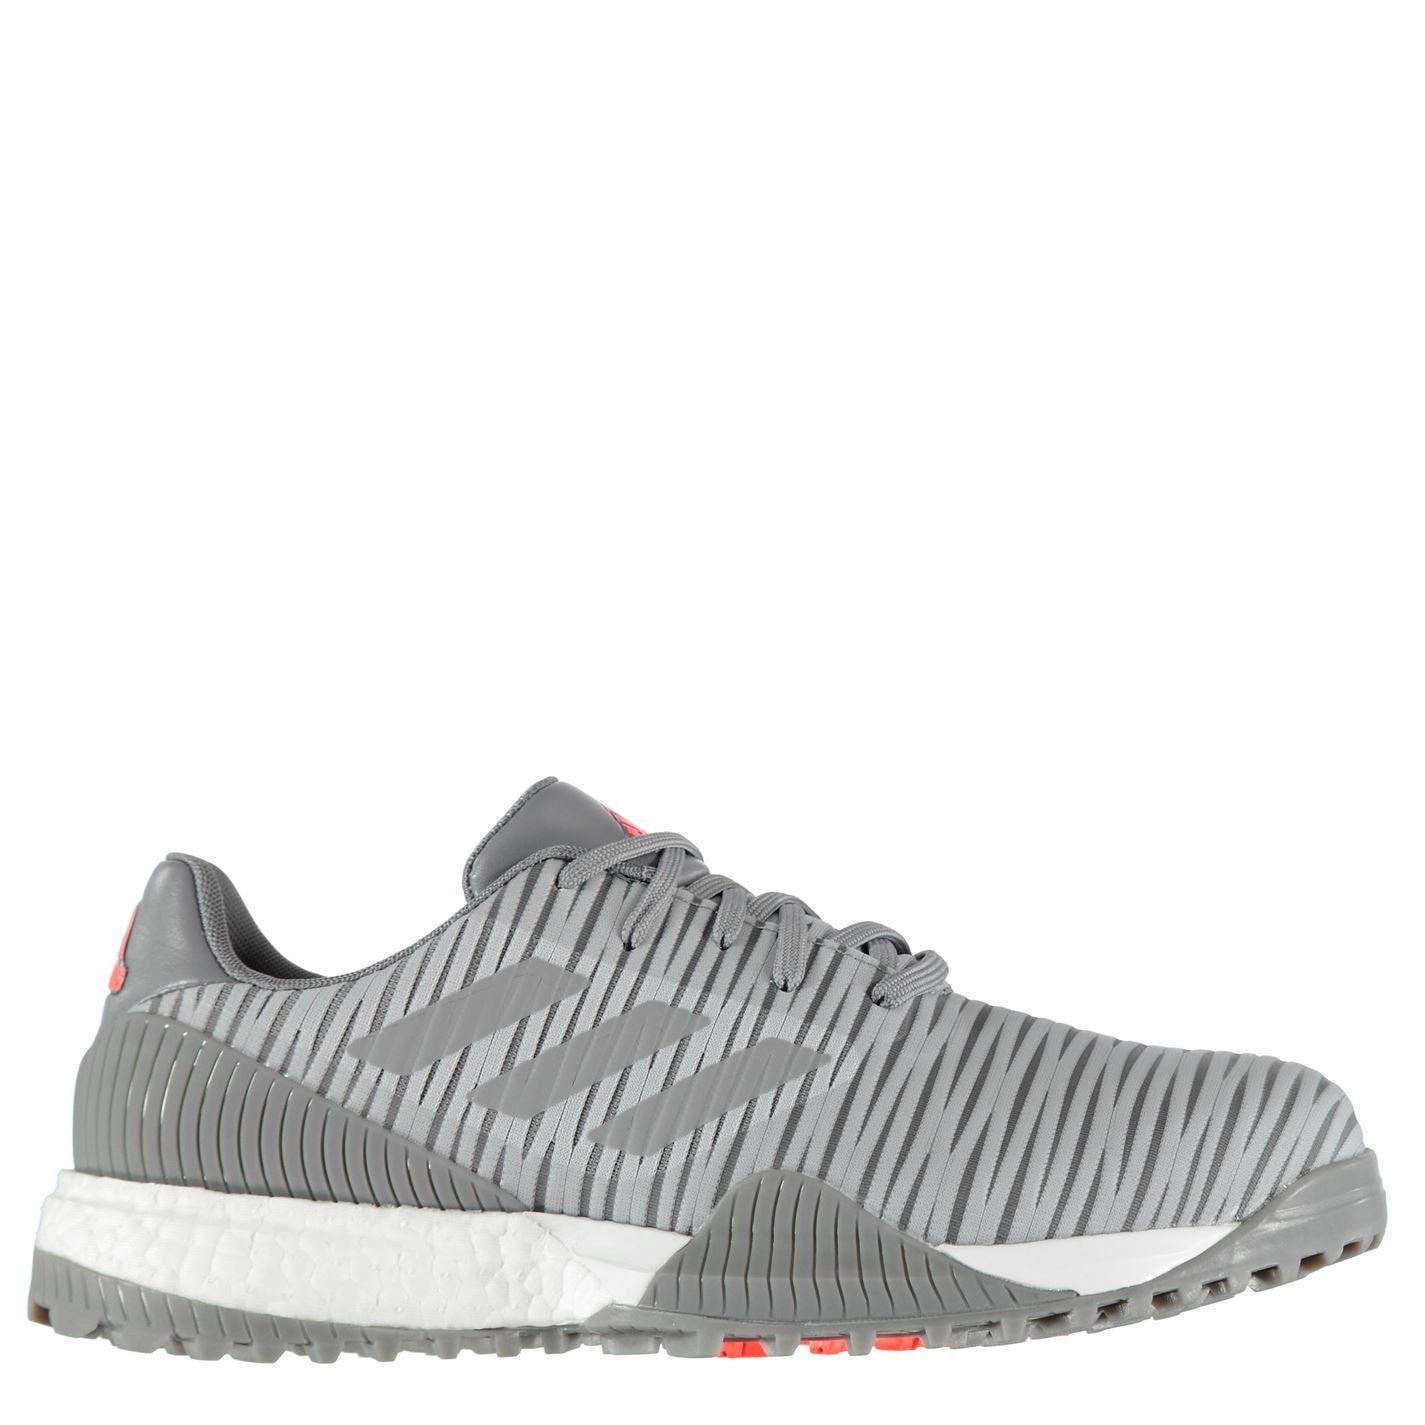 lightweight spikeless golf shoes